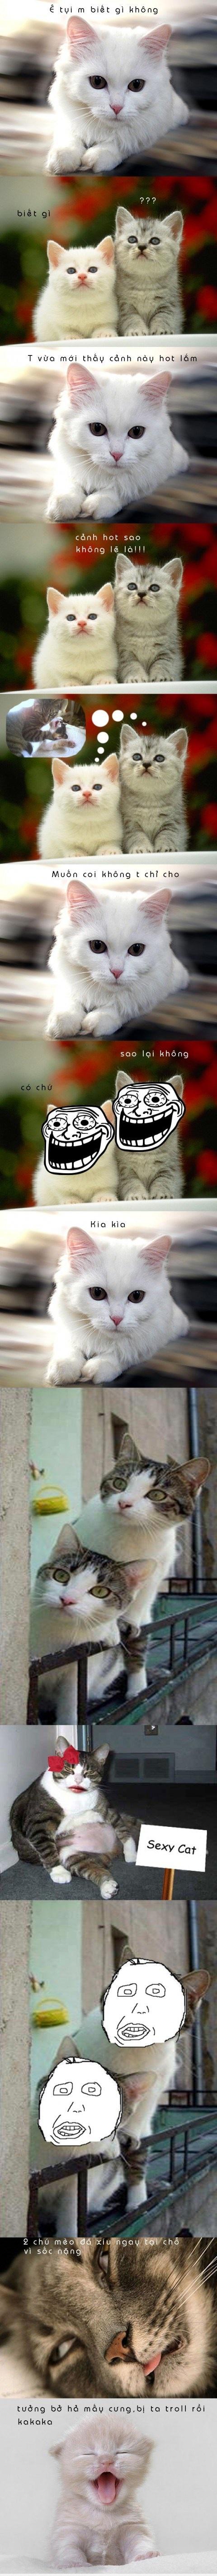 Ảnh vui mèo: Mèo cũng Troll